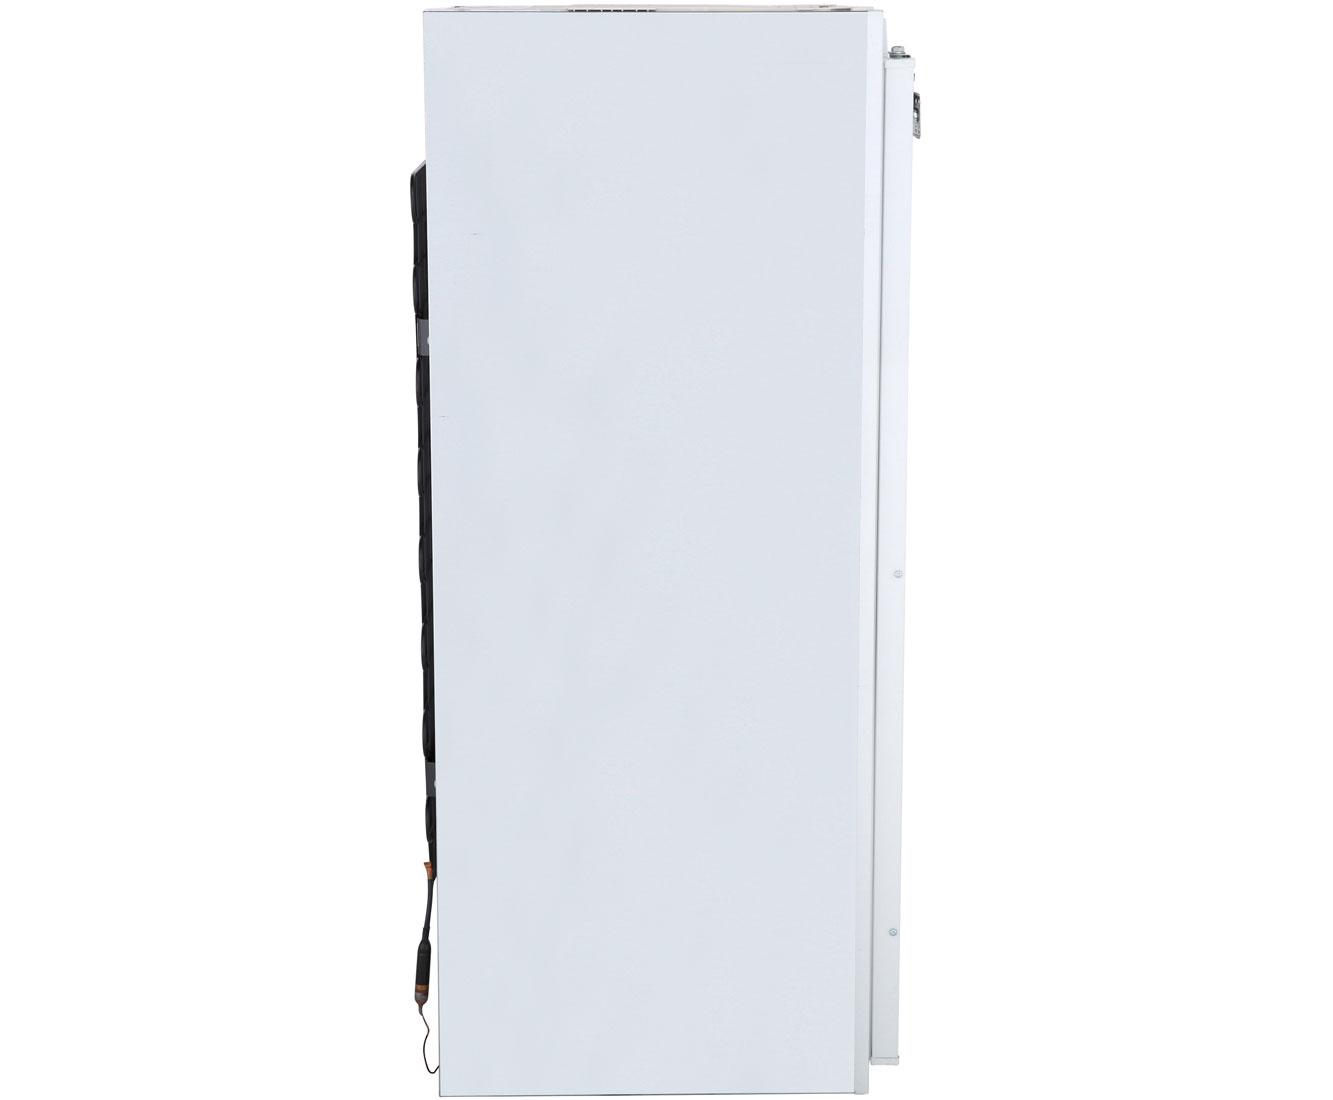 Bosch Kühlschrank Zu Laut : Bosch kühlschrank ventilator laut kühlschrank oder gefriergerät